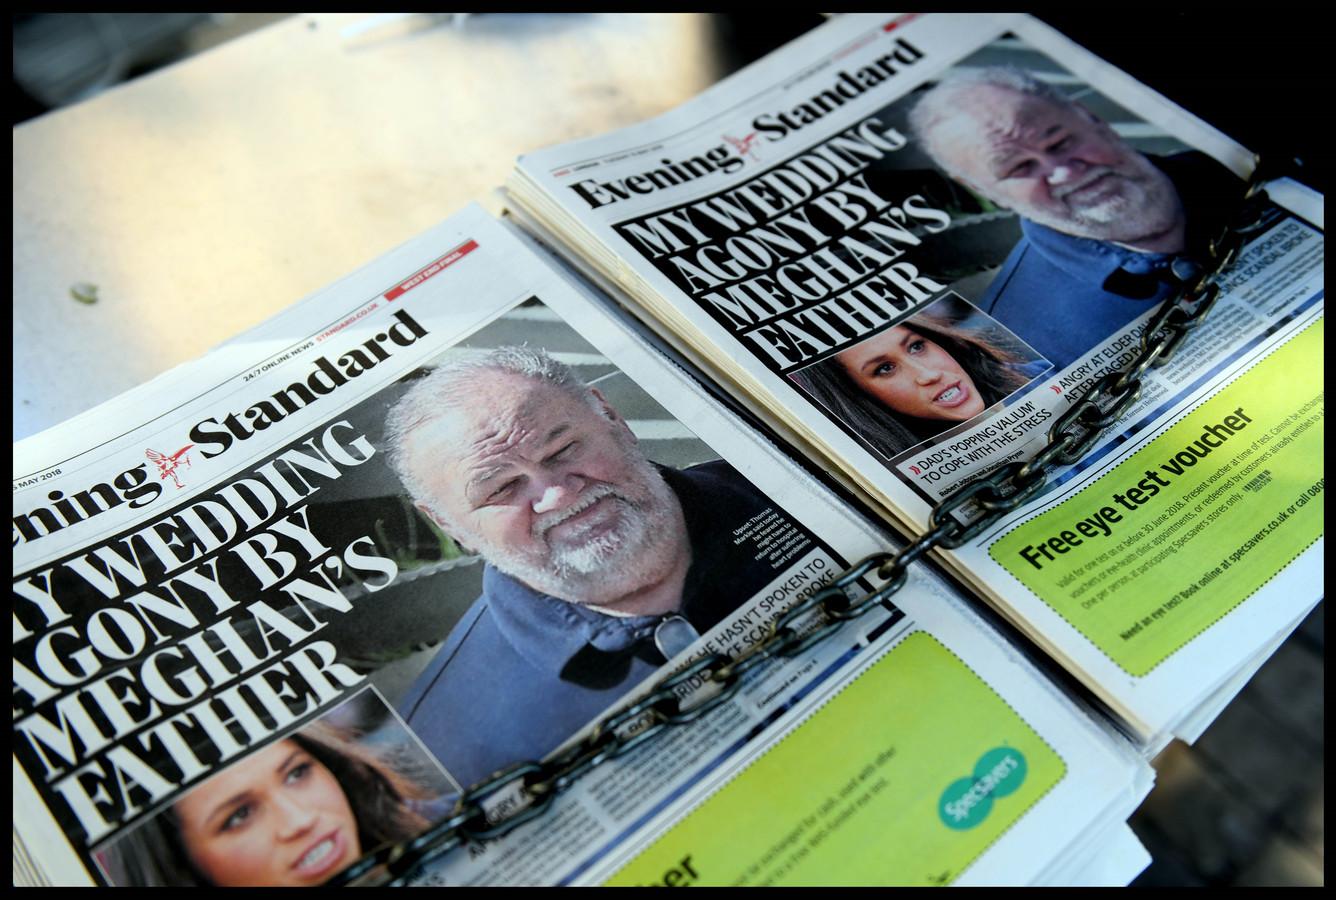 De hertogin zit nog steeds verwikkeld in een rechtszaak tegen het Britse mediabedrijf Associated Newspapers, over artikelen die tabloidkrant Mail on Sunday had gepubliceerd.